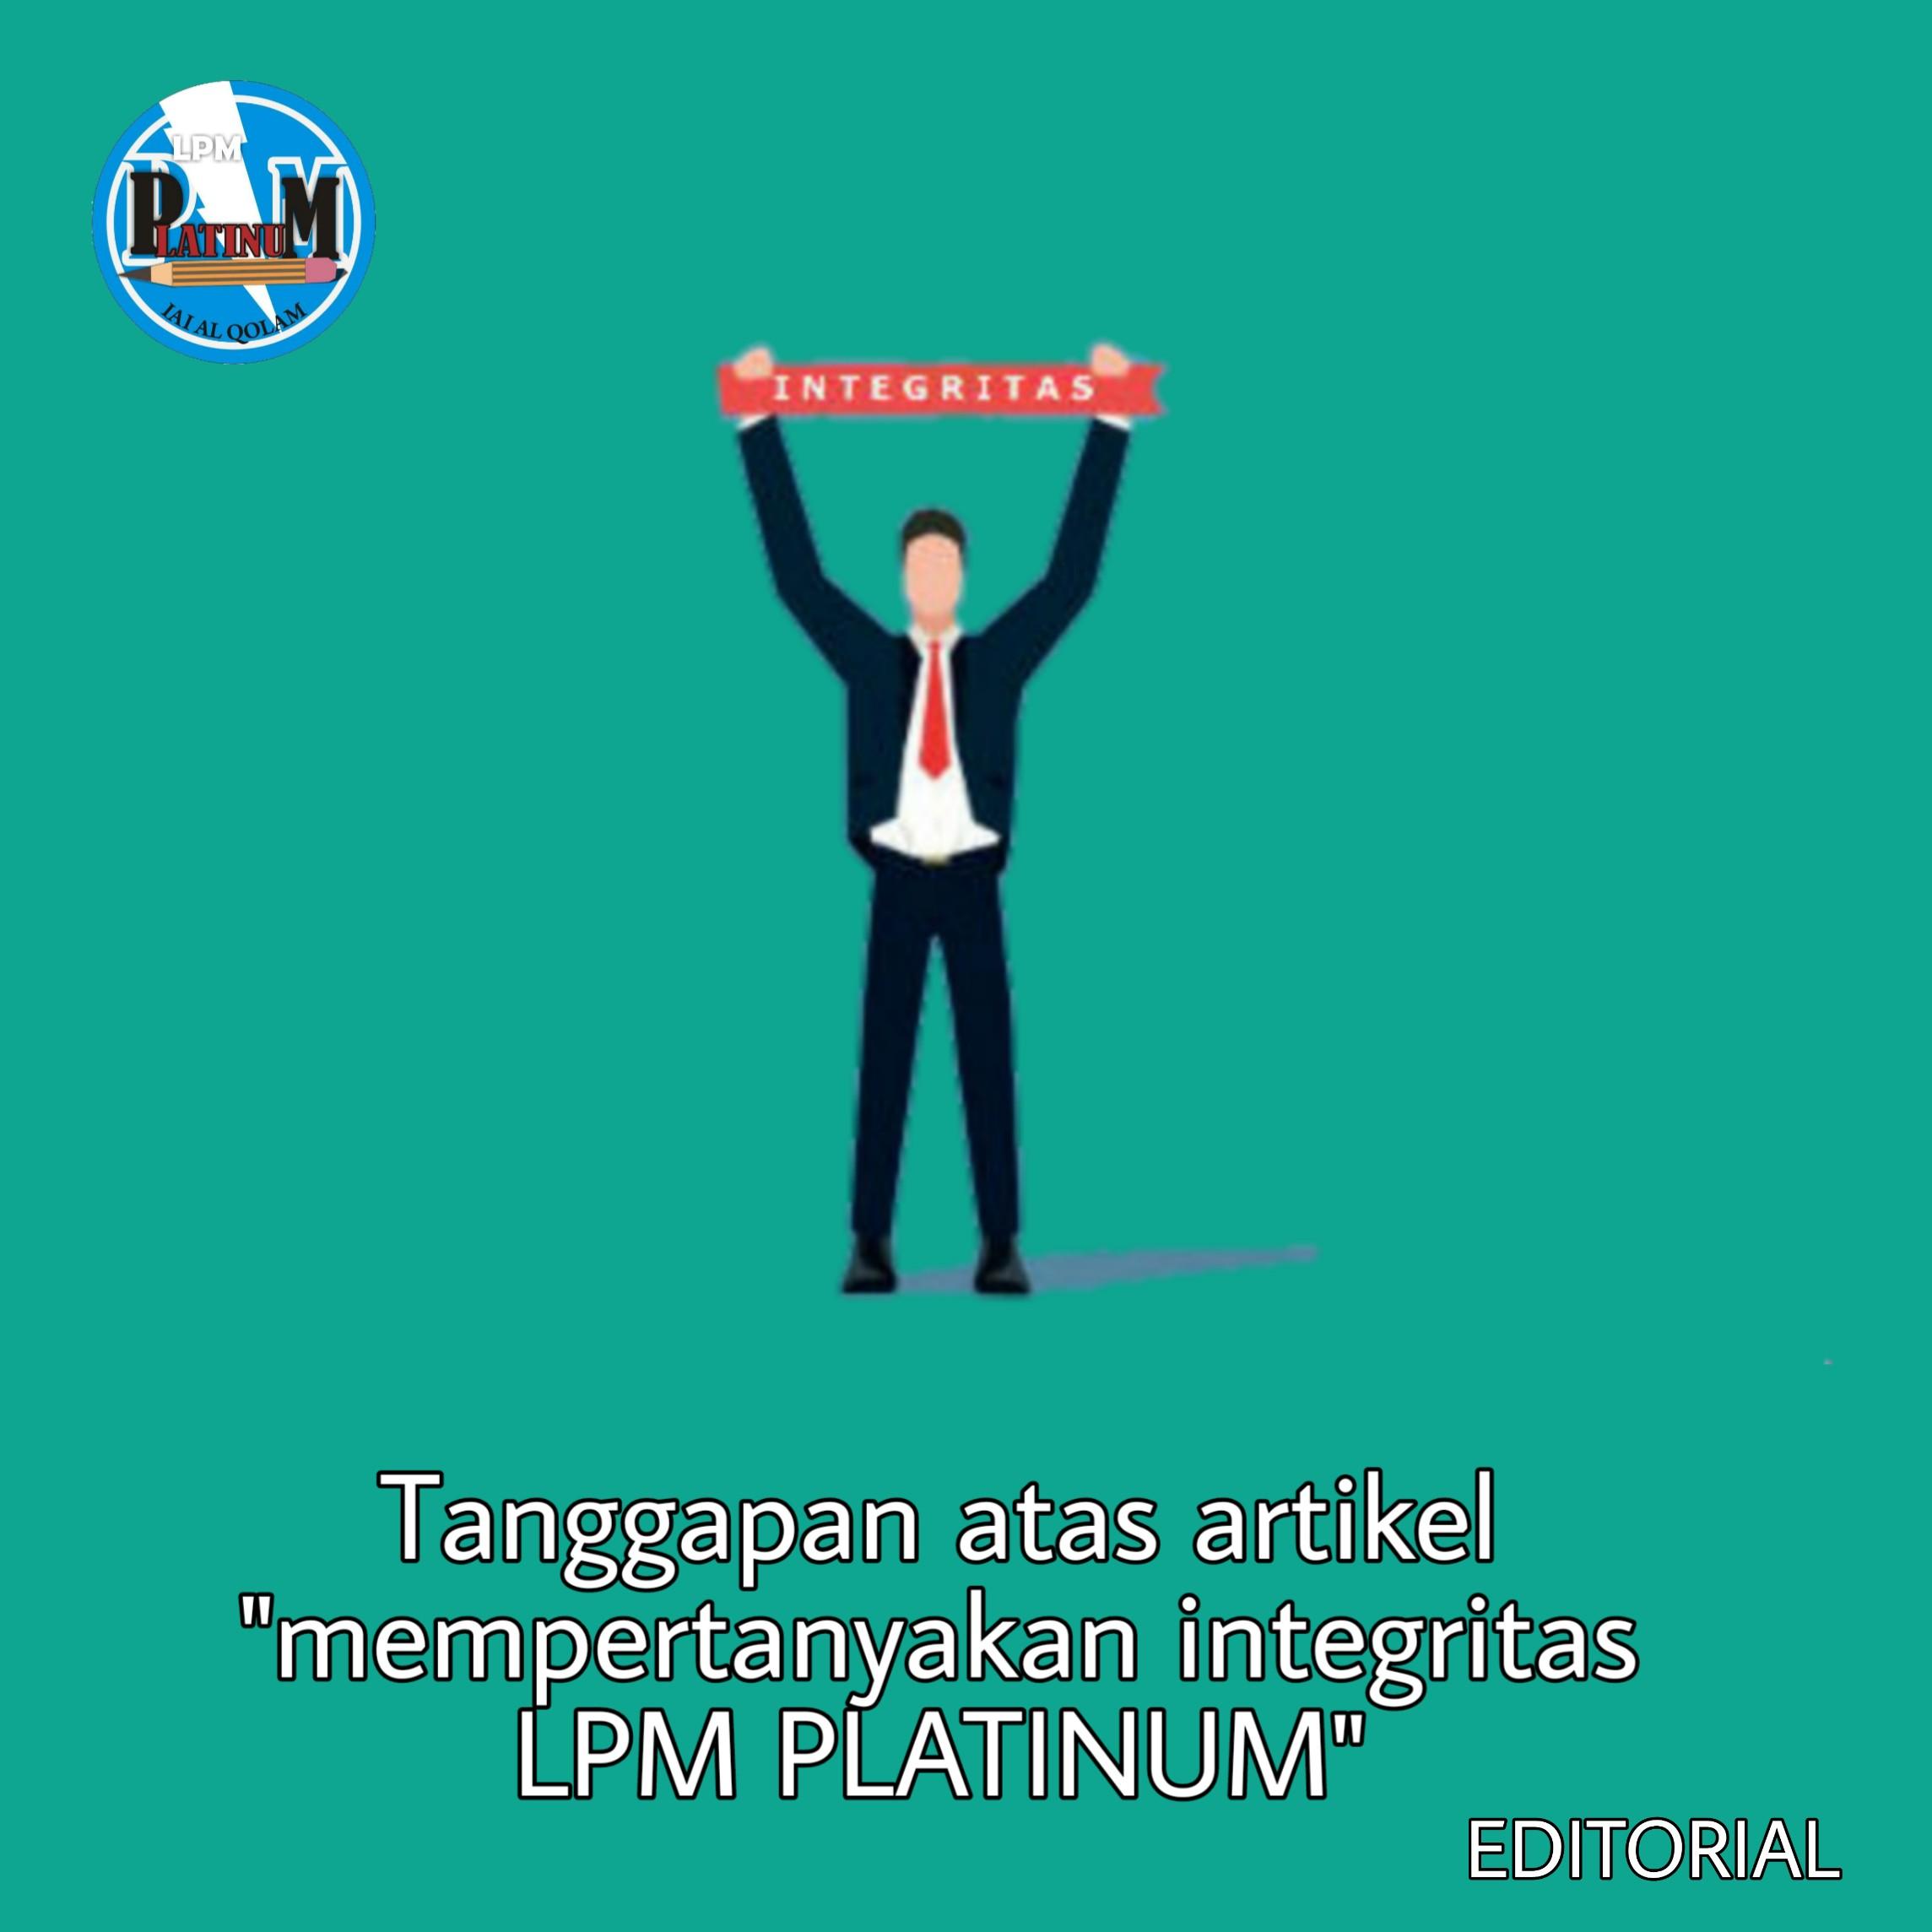 """Tanggapan atas artikel """"mempertanyakan integritas LPM PLATINUM"""""""